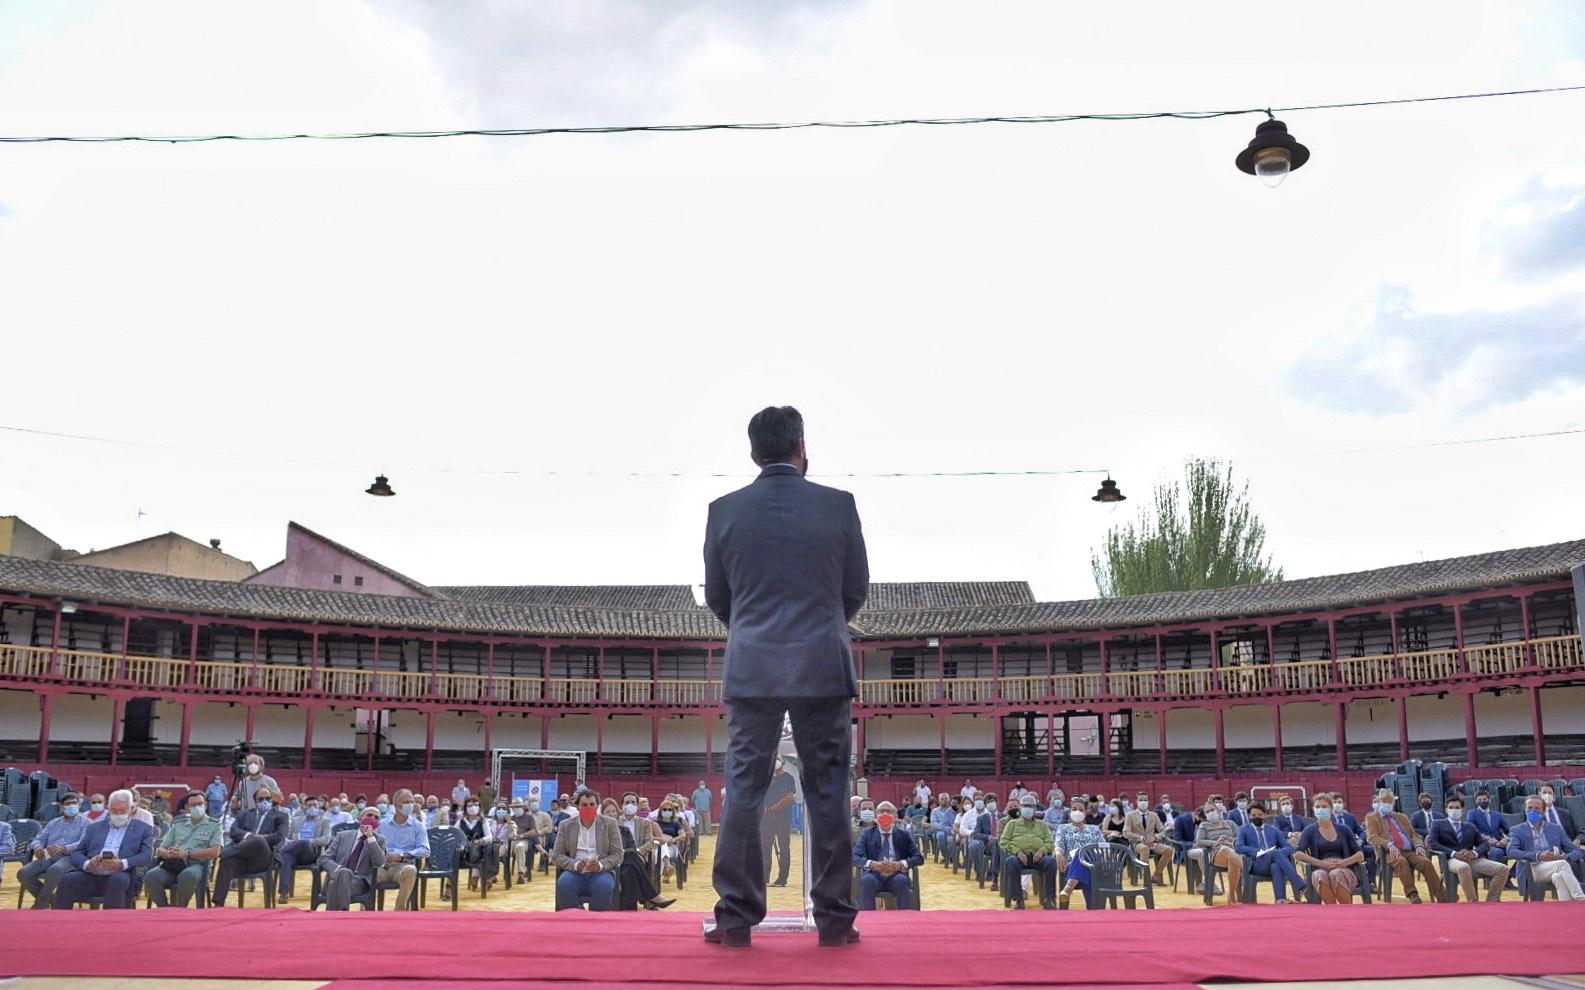 La Junta de Castilla y León y la FTL presentan el Circuito de Novilladas de Castilla y León